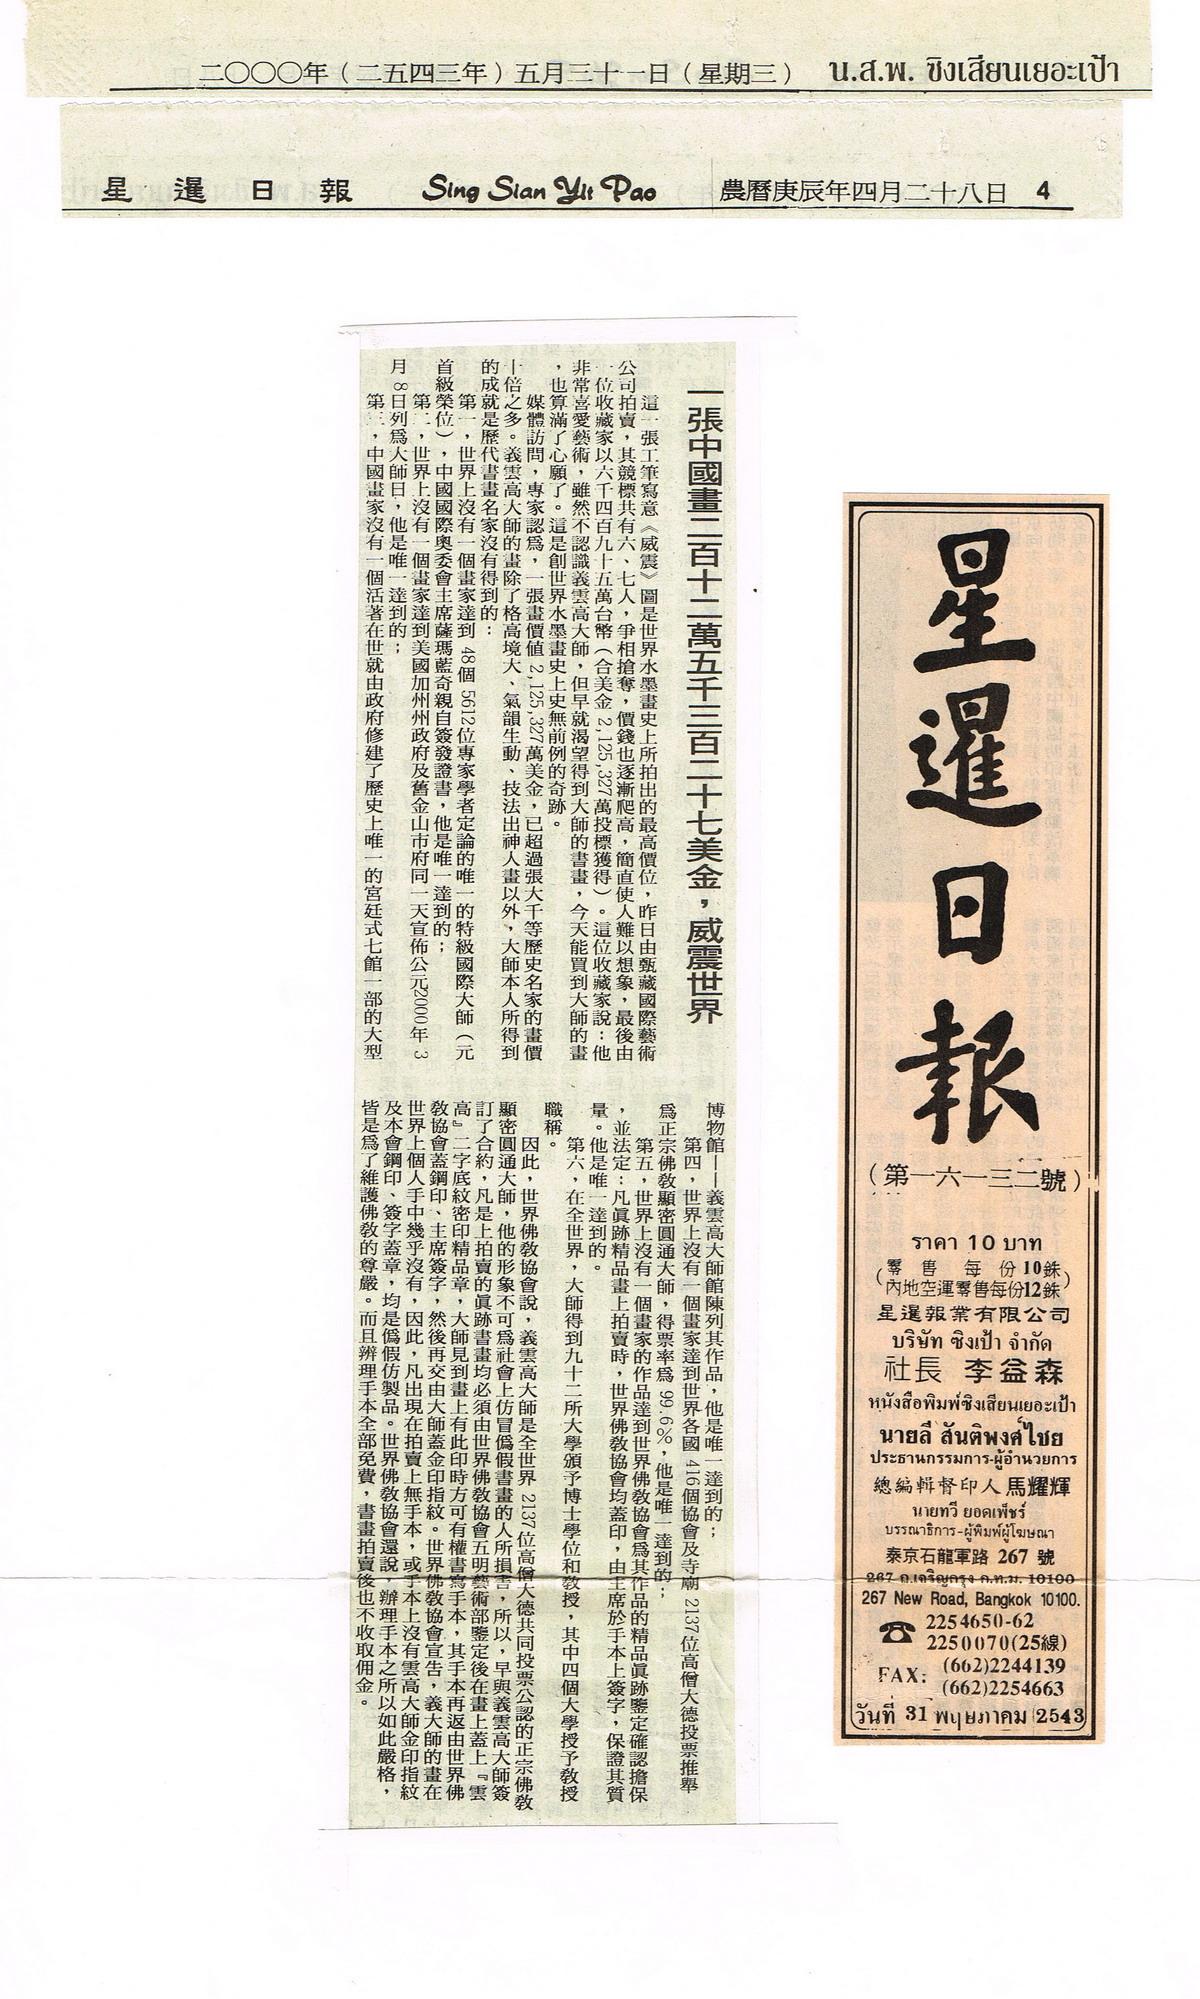 义云高大师 一张中国画二百二十二万五千三百二十七美金,威震世界 第2张